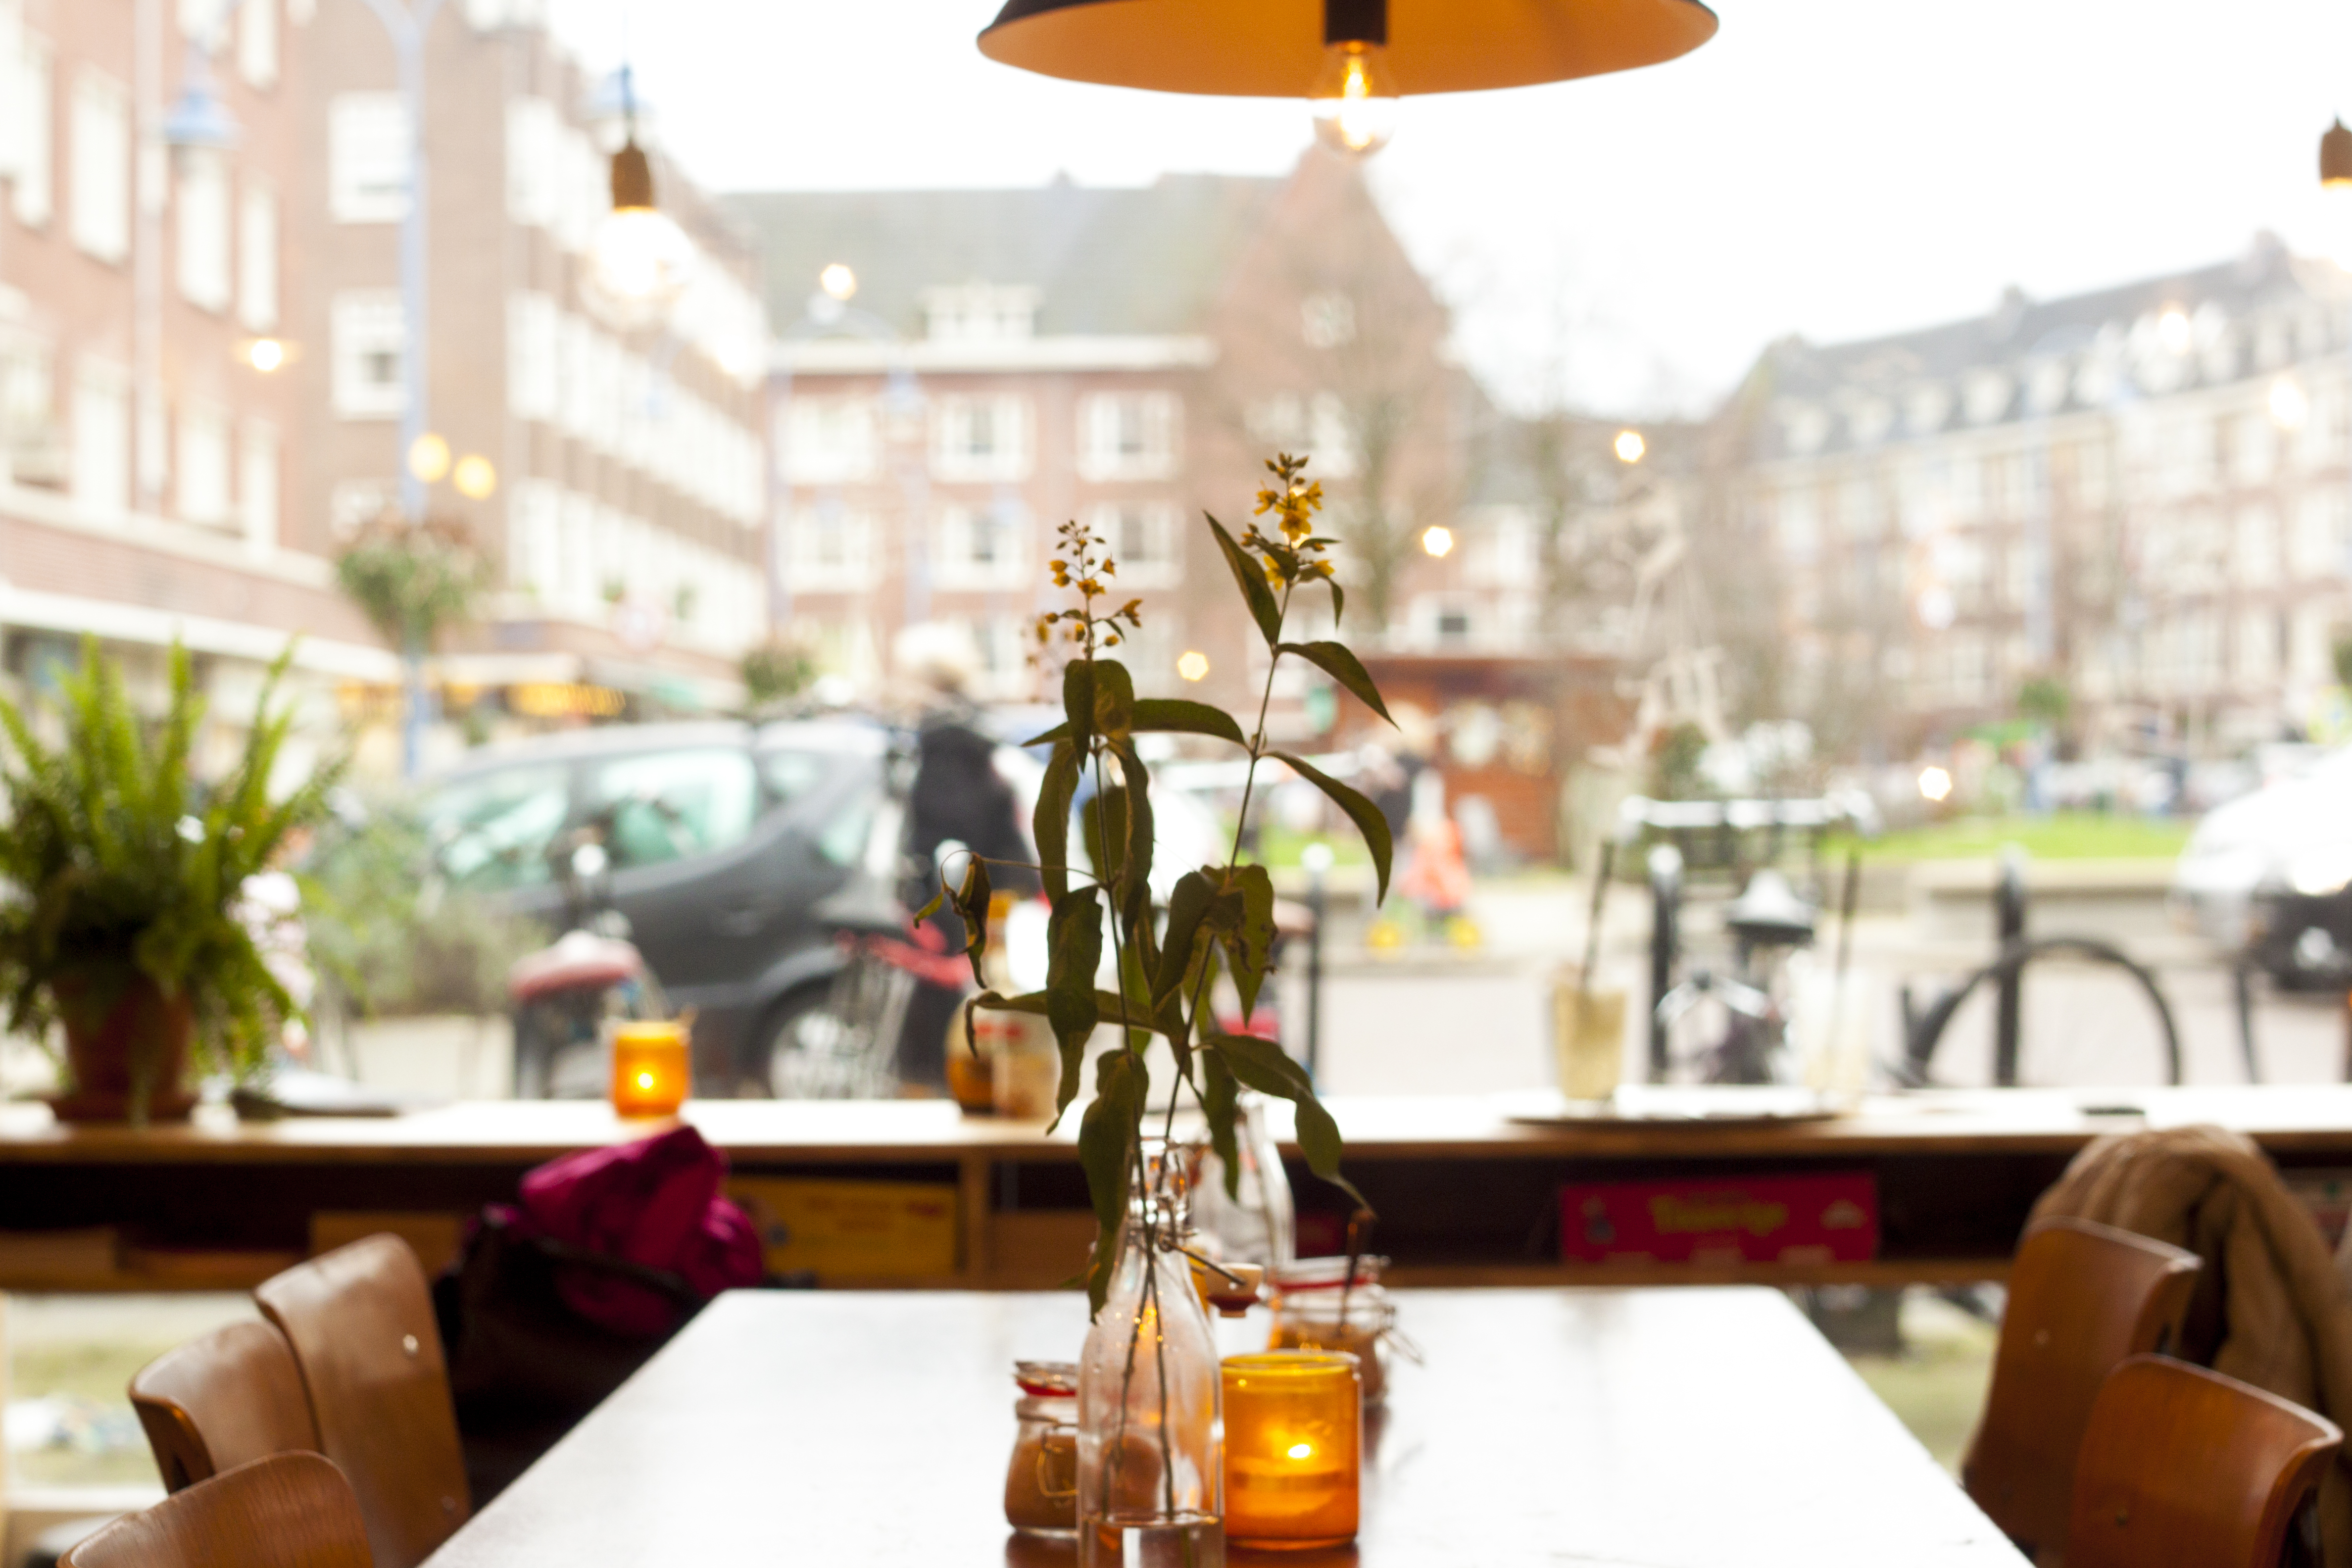 De lekkerste pannenkoeken in Amsterdam!